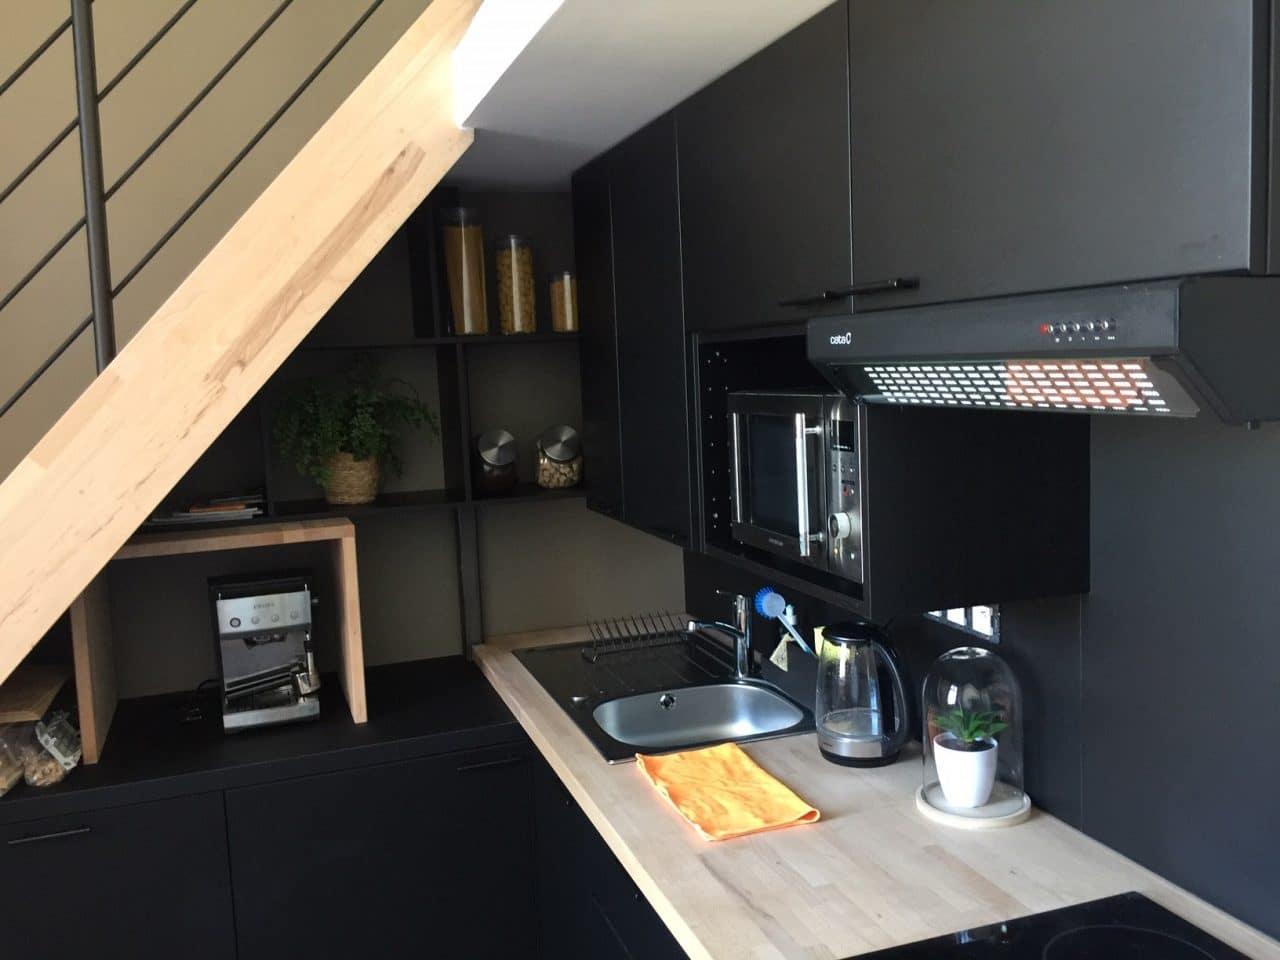 rénovation studio cuisine ouverte évier plaque de cuisson placard escalier bois Le Croisic